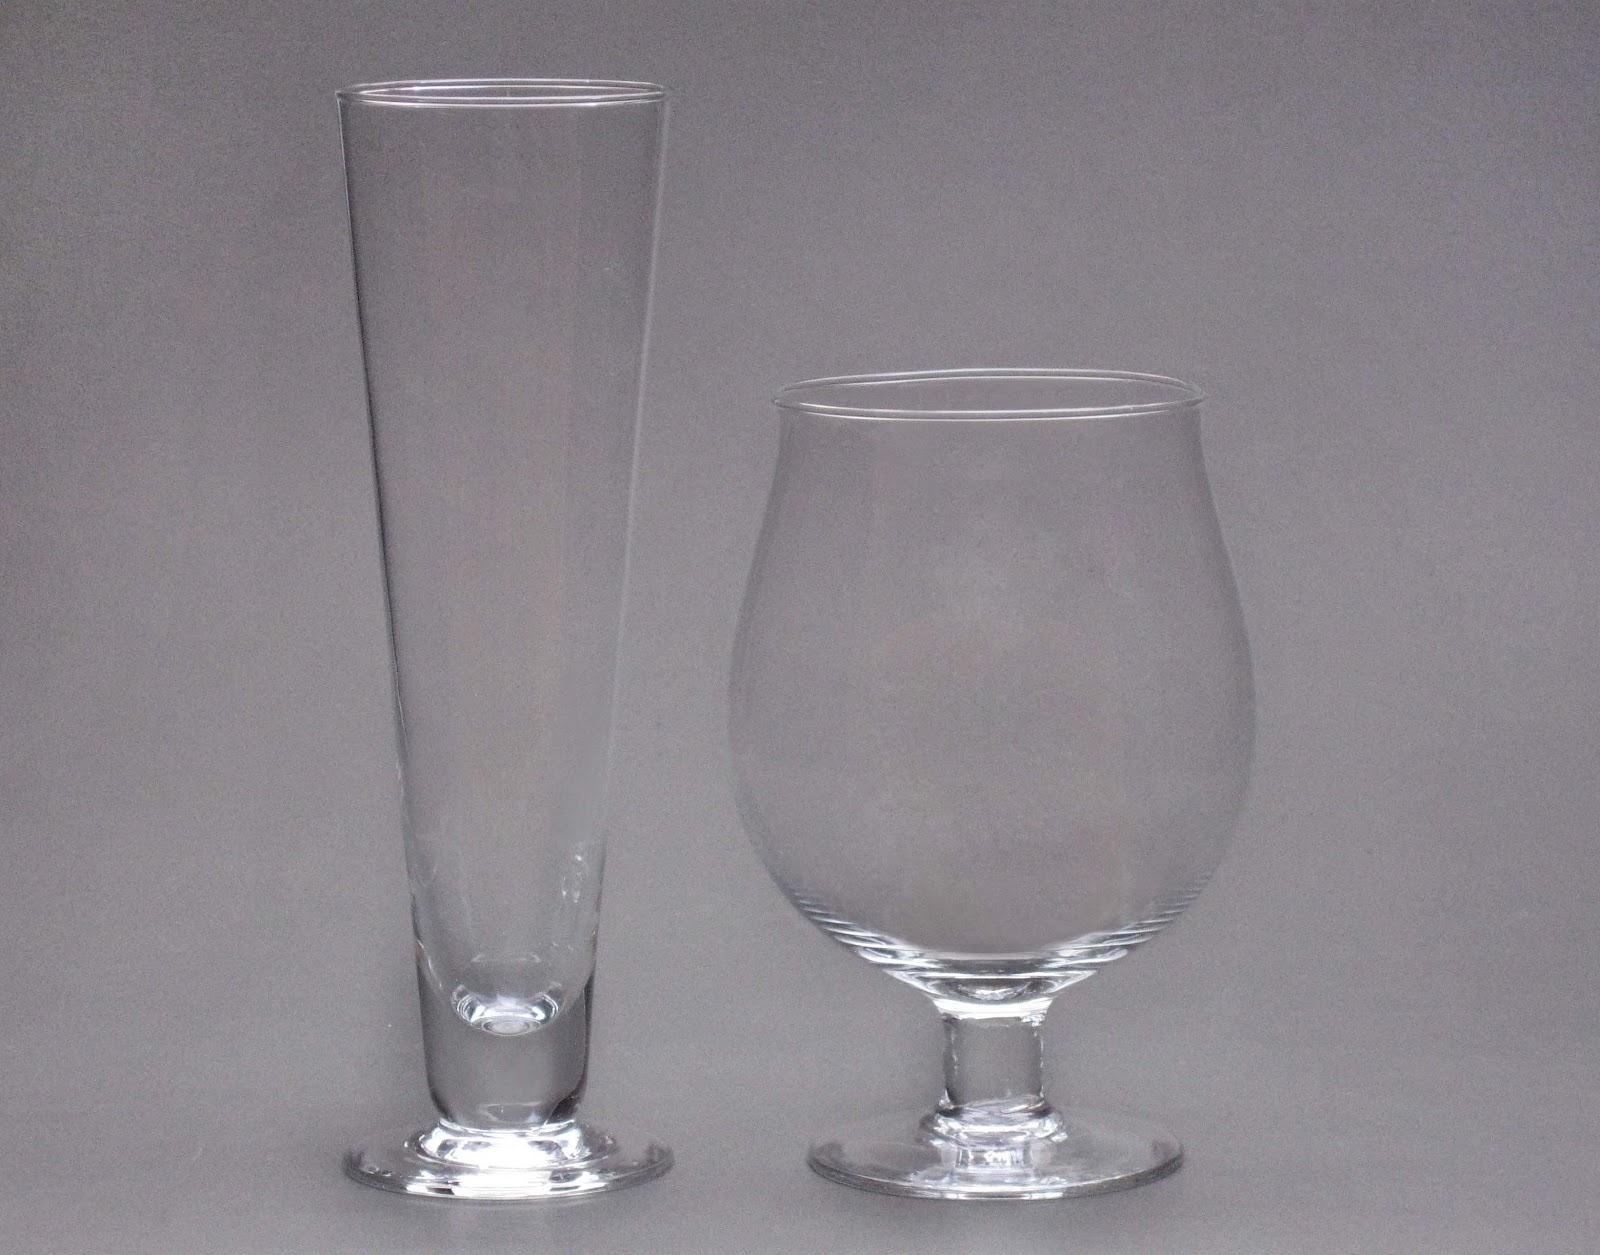 Rabell cristal artesanal copas cristal y catalogo de for Paginas decoracion hogar